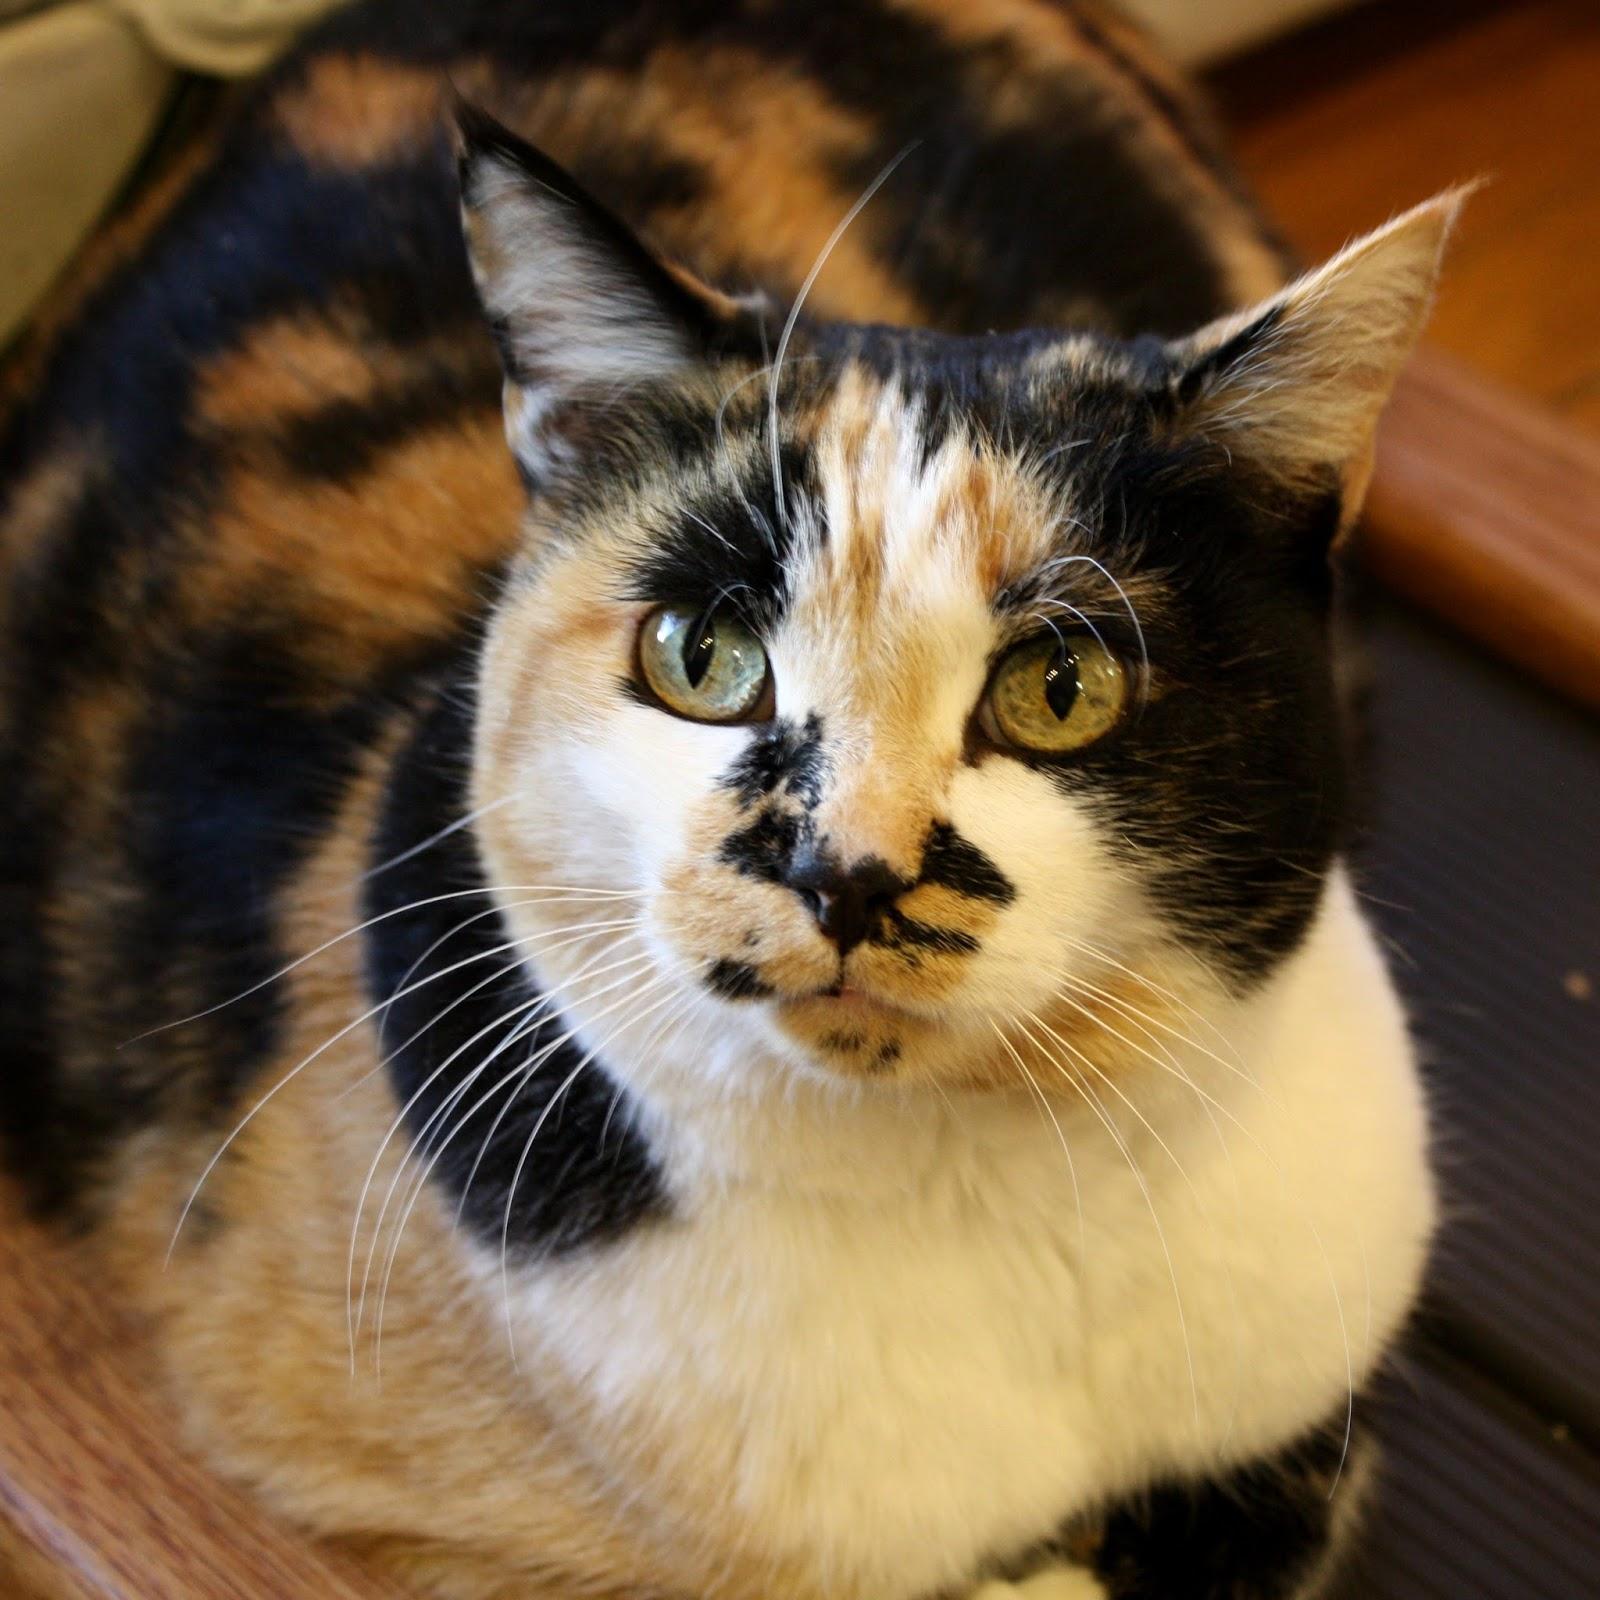 The Amazing Calico Cat